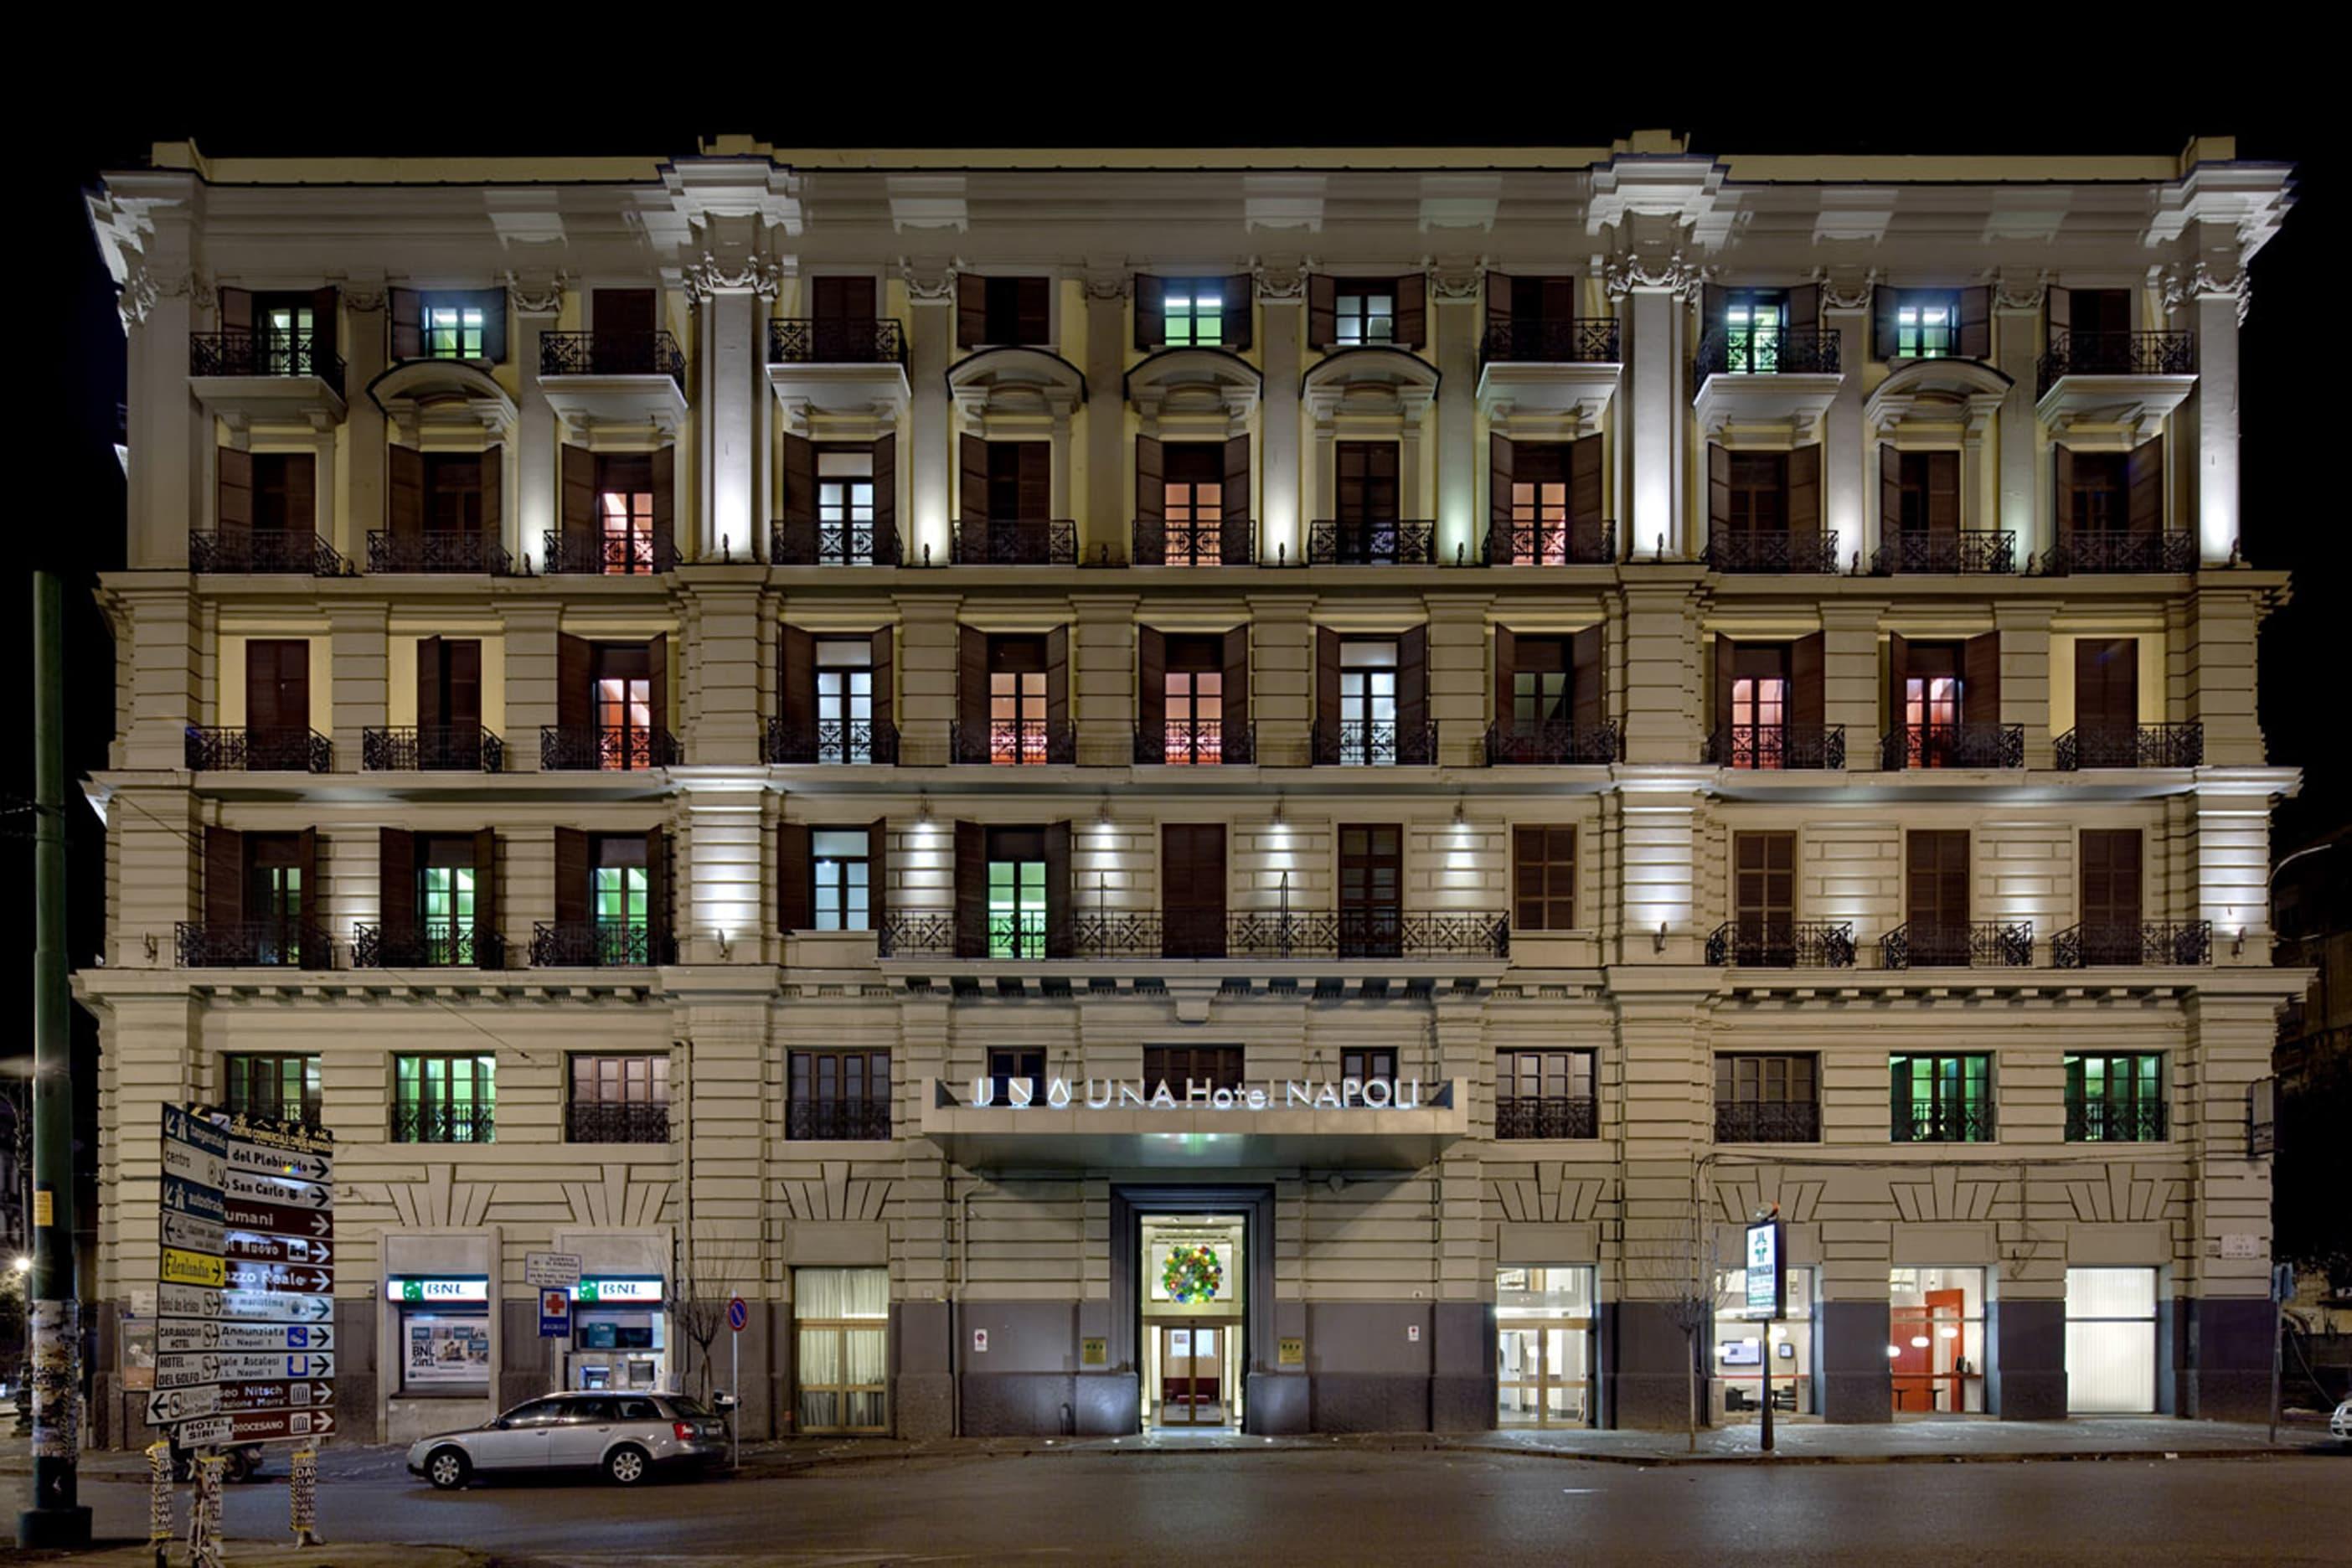 Milano - Napoli - Unahotels Napoli